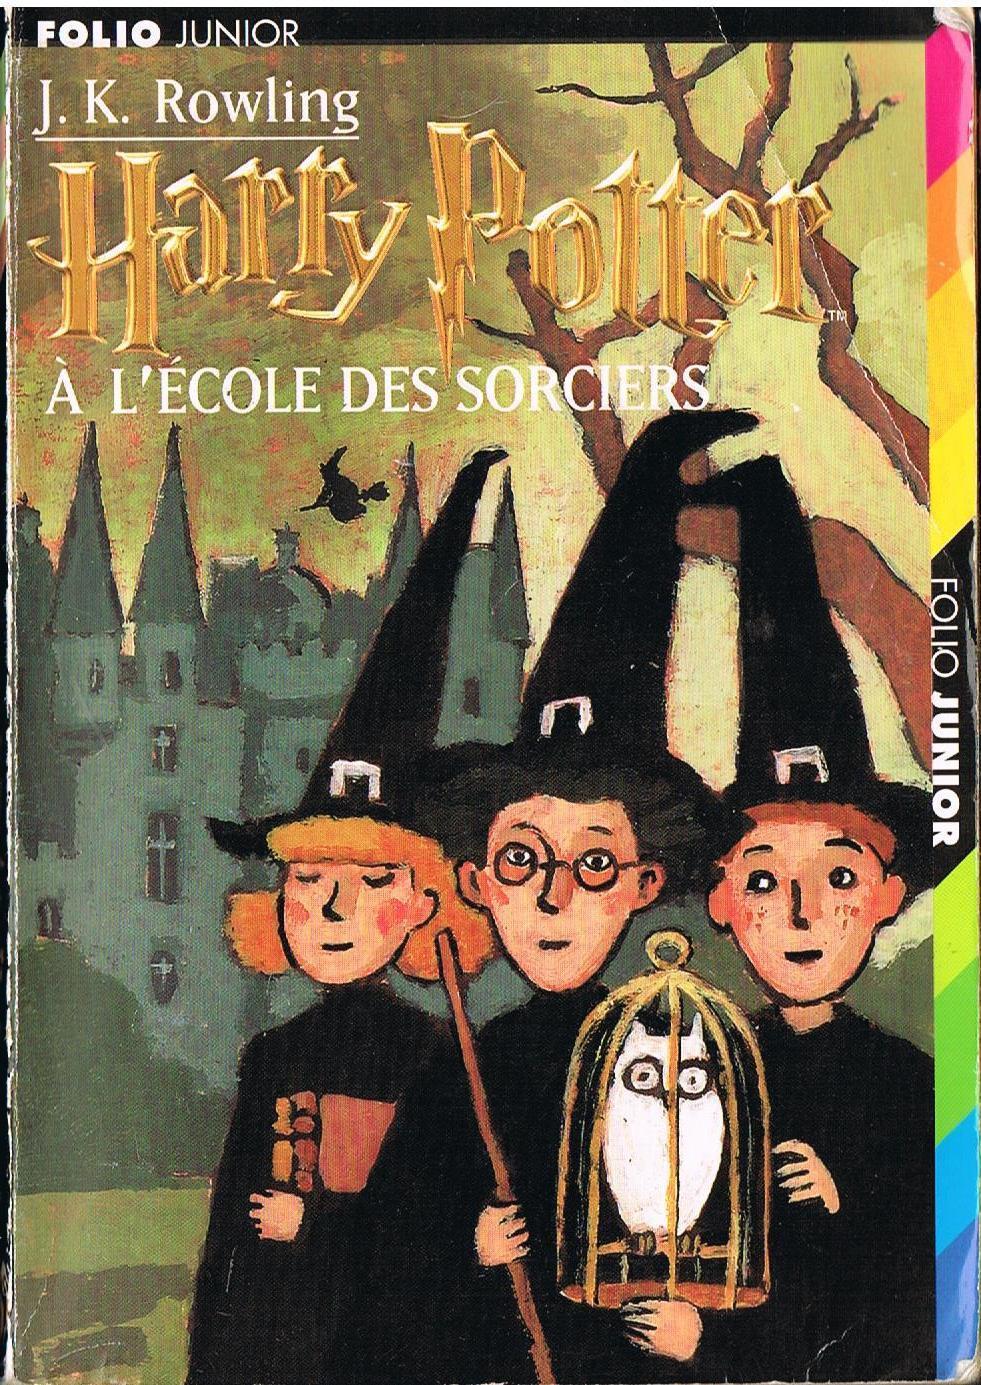 Harry Potter à l'école des sorciers (livre uniquement)